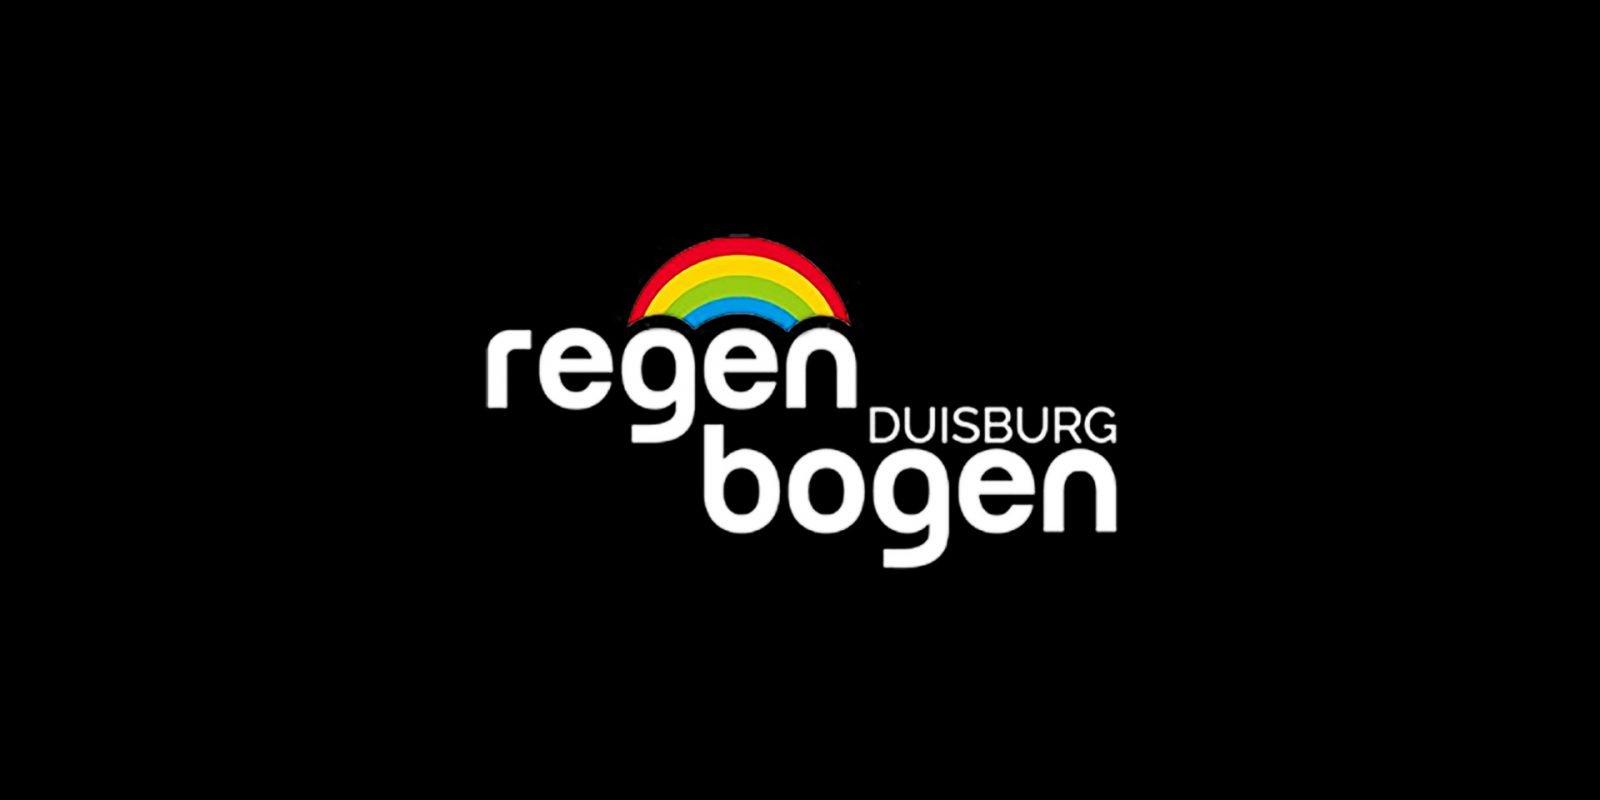 Regenbogen Duisburg